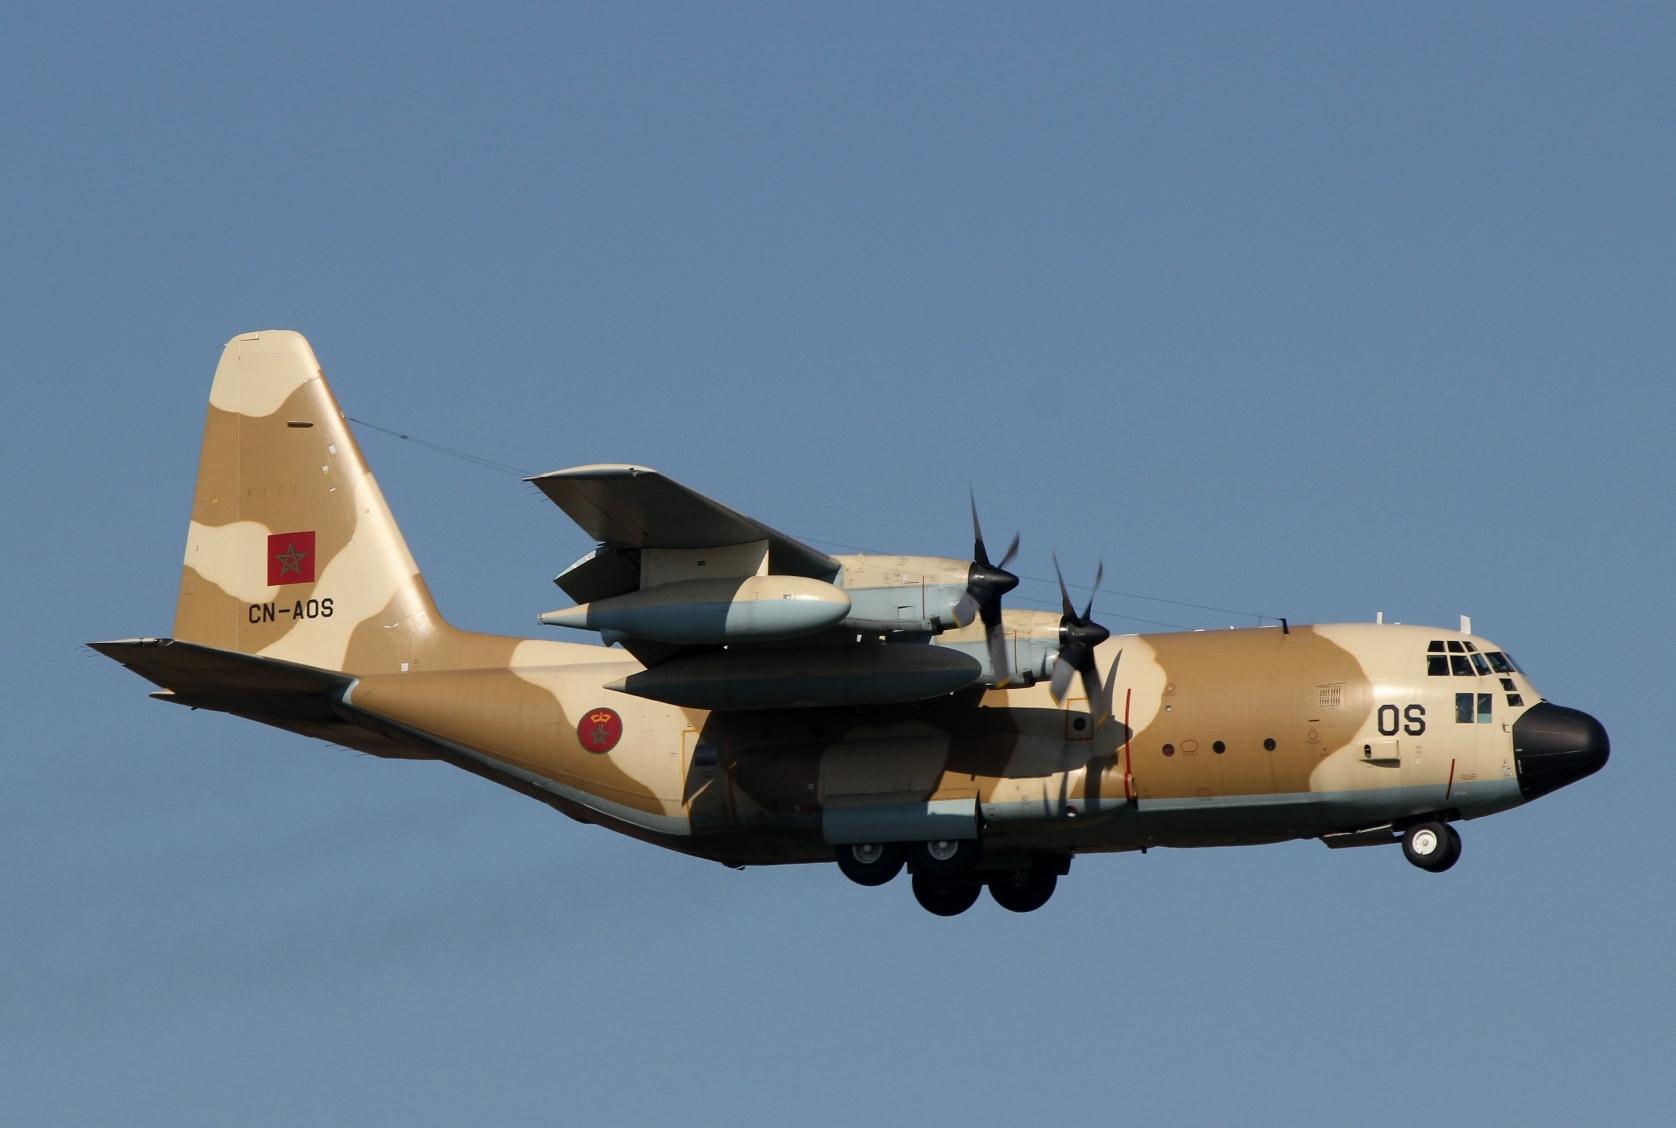 FRA: Photos d'avions de transport - Page 31 33322591320_b5c4a882ed_o